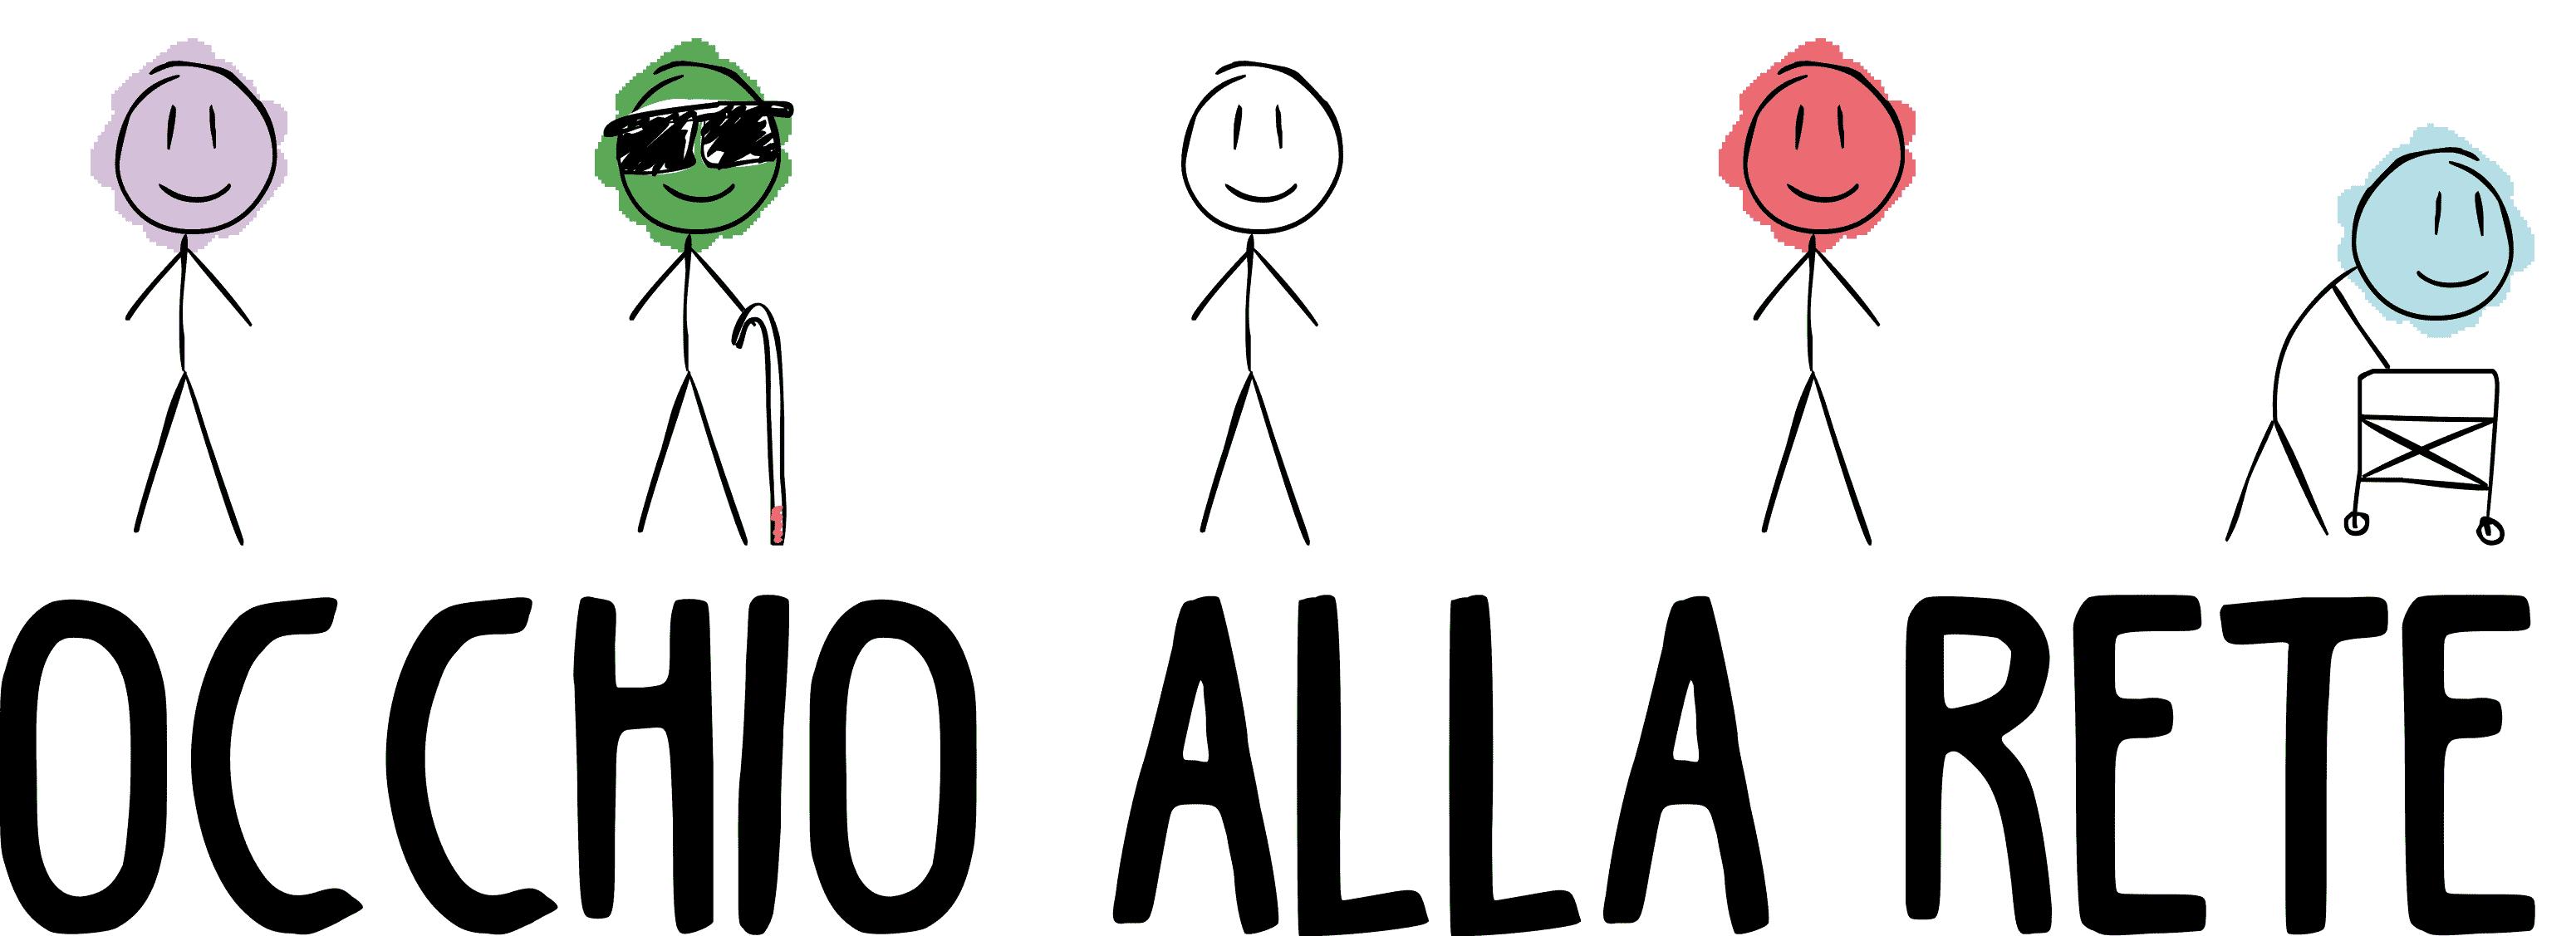 Logo del progetto. In alto, da sinistra a destra, cinque disegni di persone di colori diversi, la seconda con occhiali scuri e bastone bianco, la quinta con deambulatore. In basso scritta Occhio alla rete in caratteri maiuscoli.